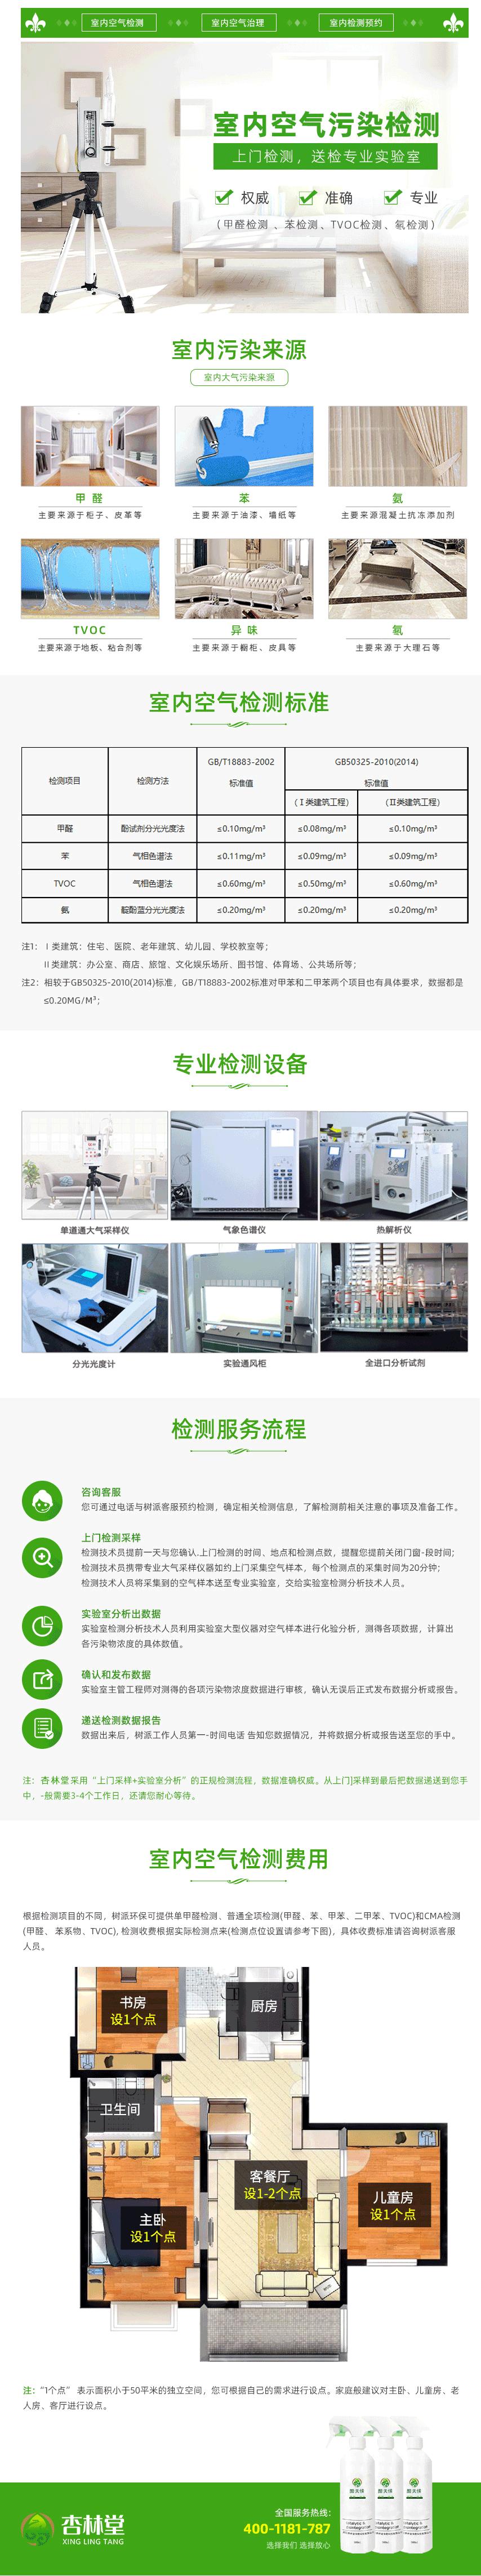 室内空气污染检测相关知识